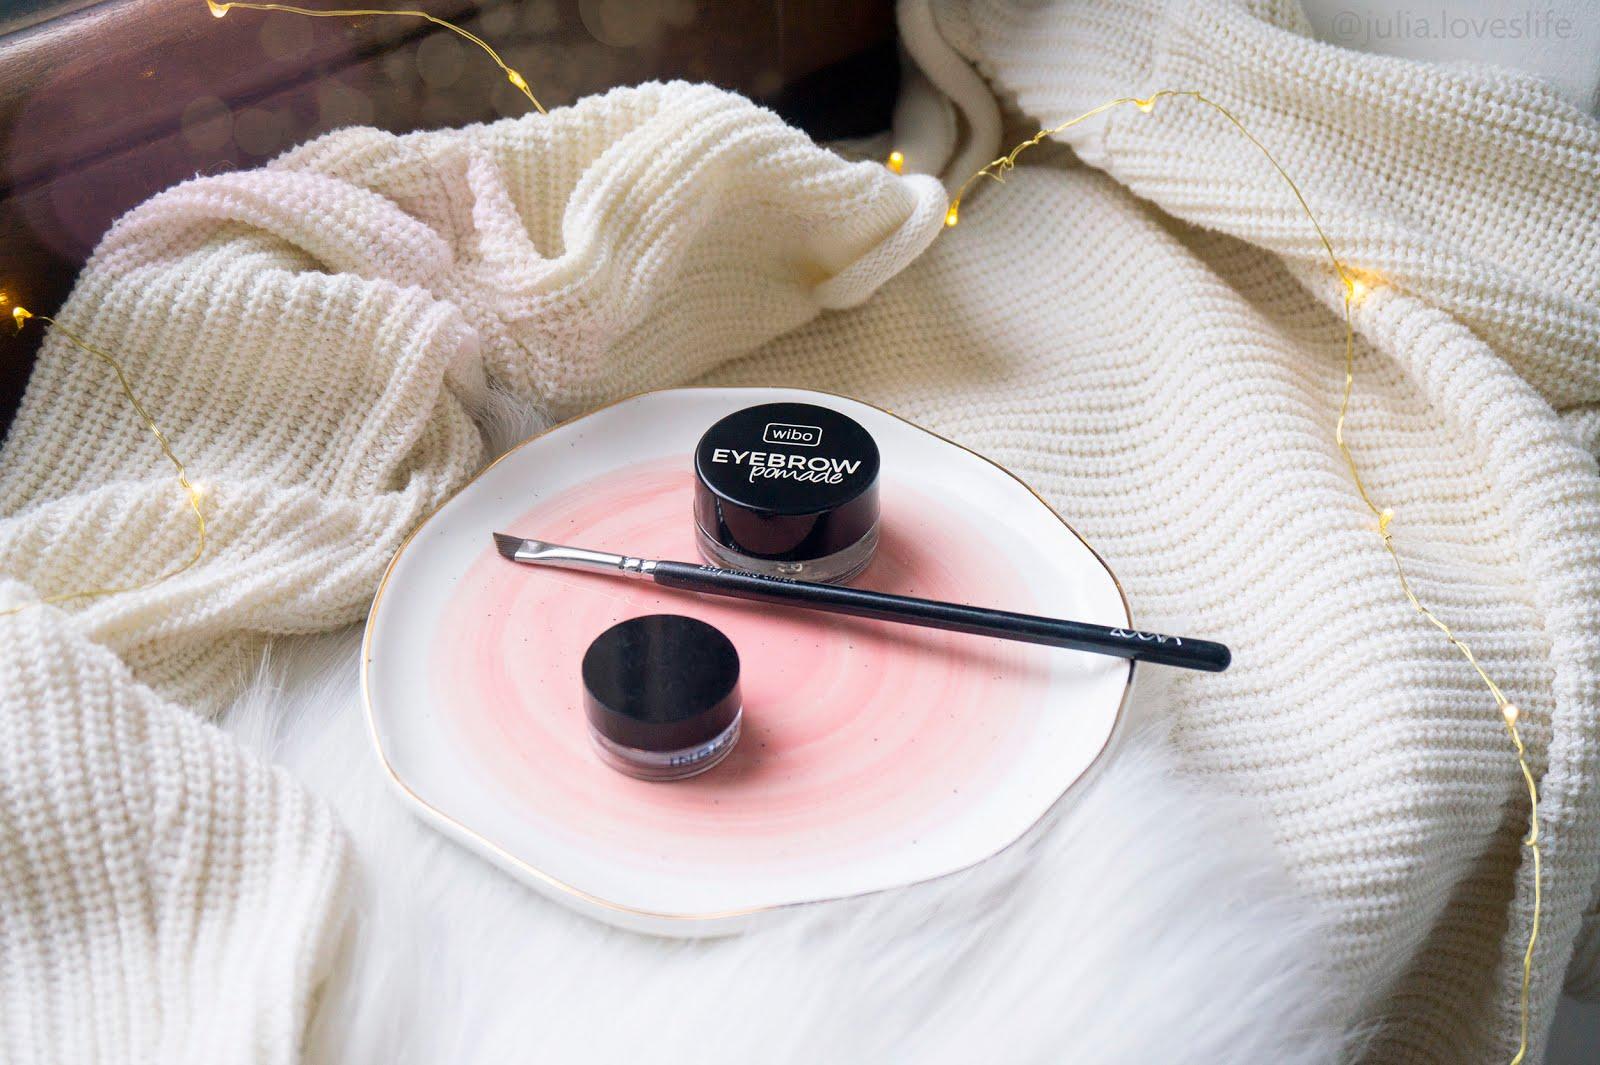 Jak malować brwi | Tutorial krok po kroku | Pomada Inglot czy Wibo?